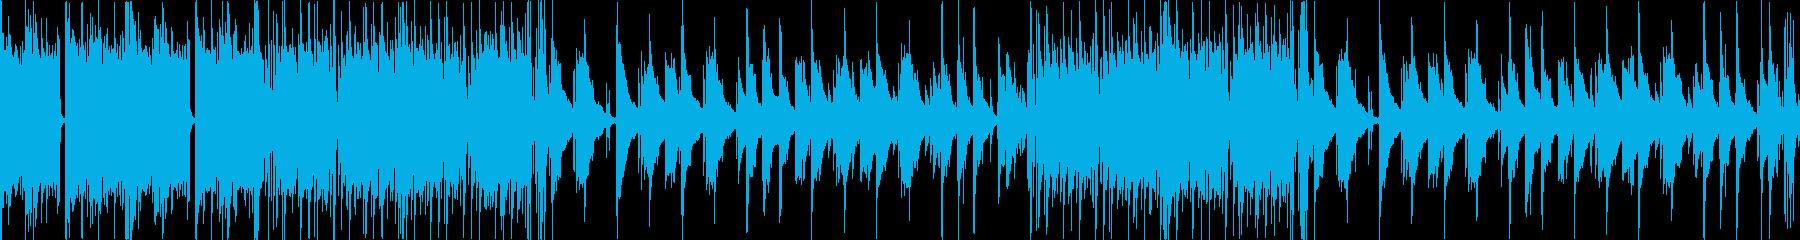 穏やかな映像向けのボサノバ風BGMの再生済みの波形